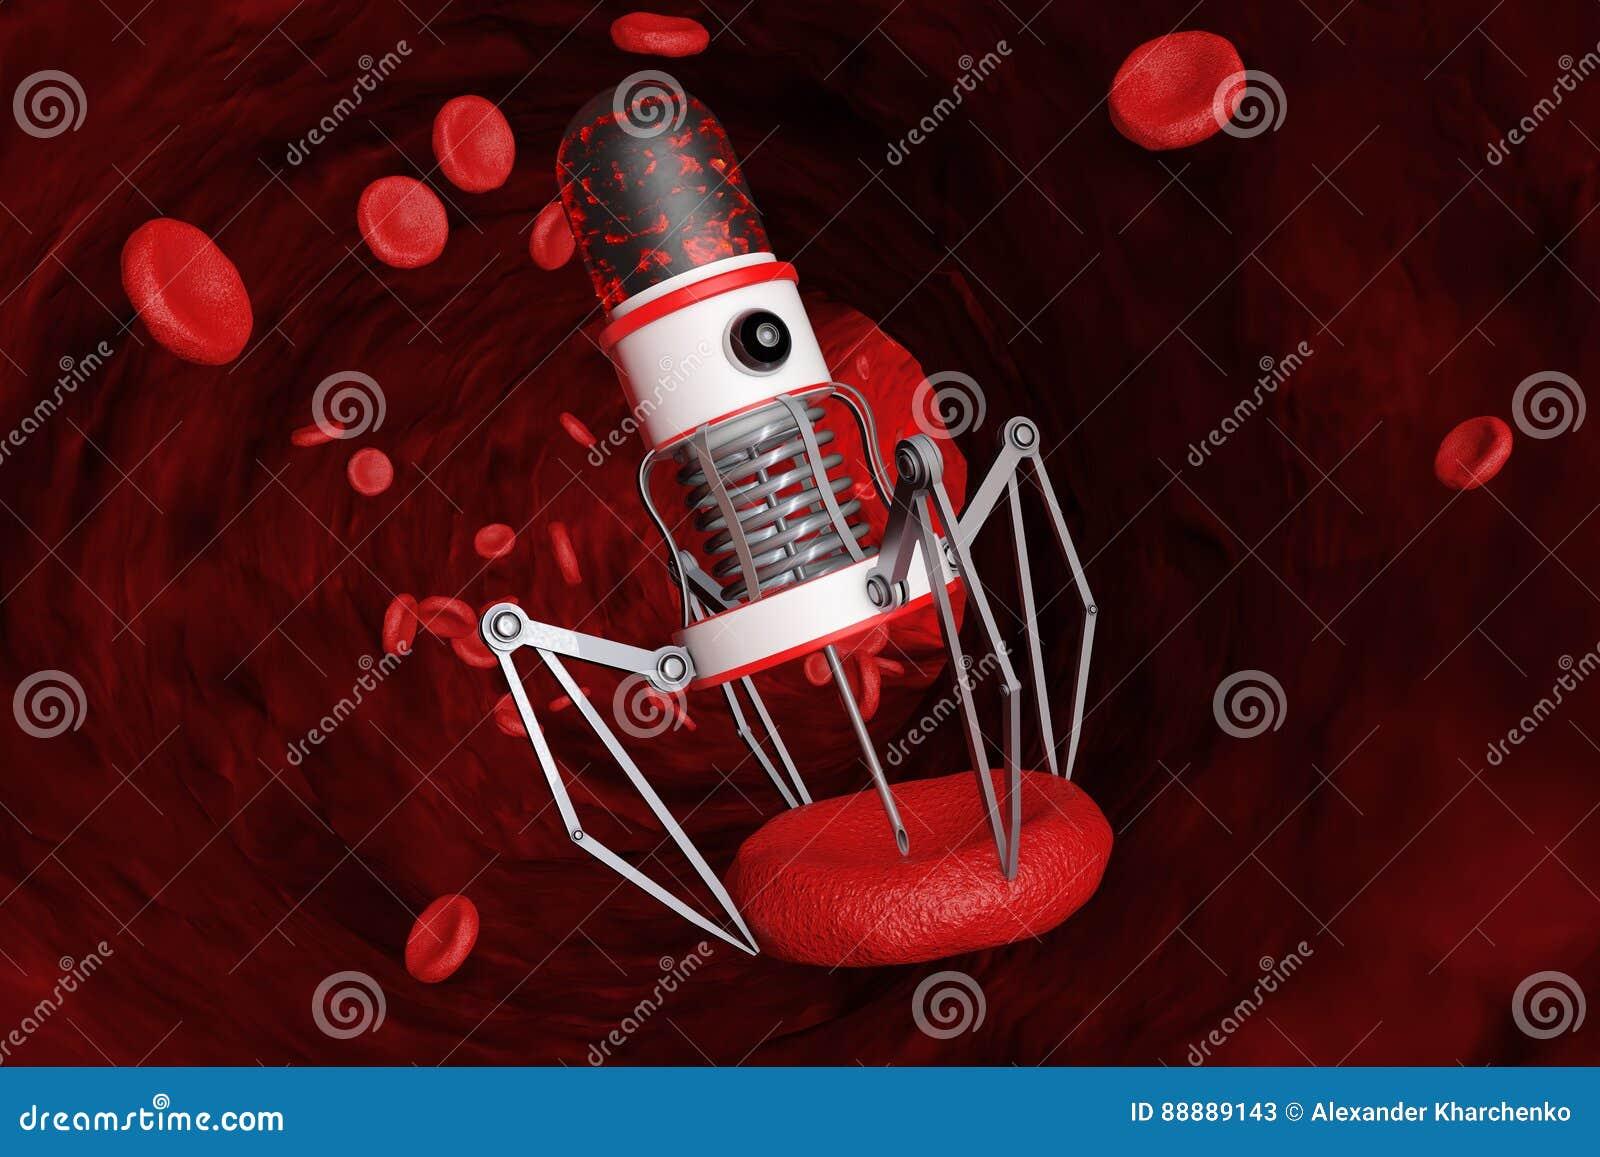 有照相机、爪和针的血液纳诺机器人在血细胞